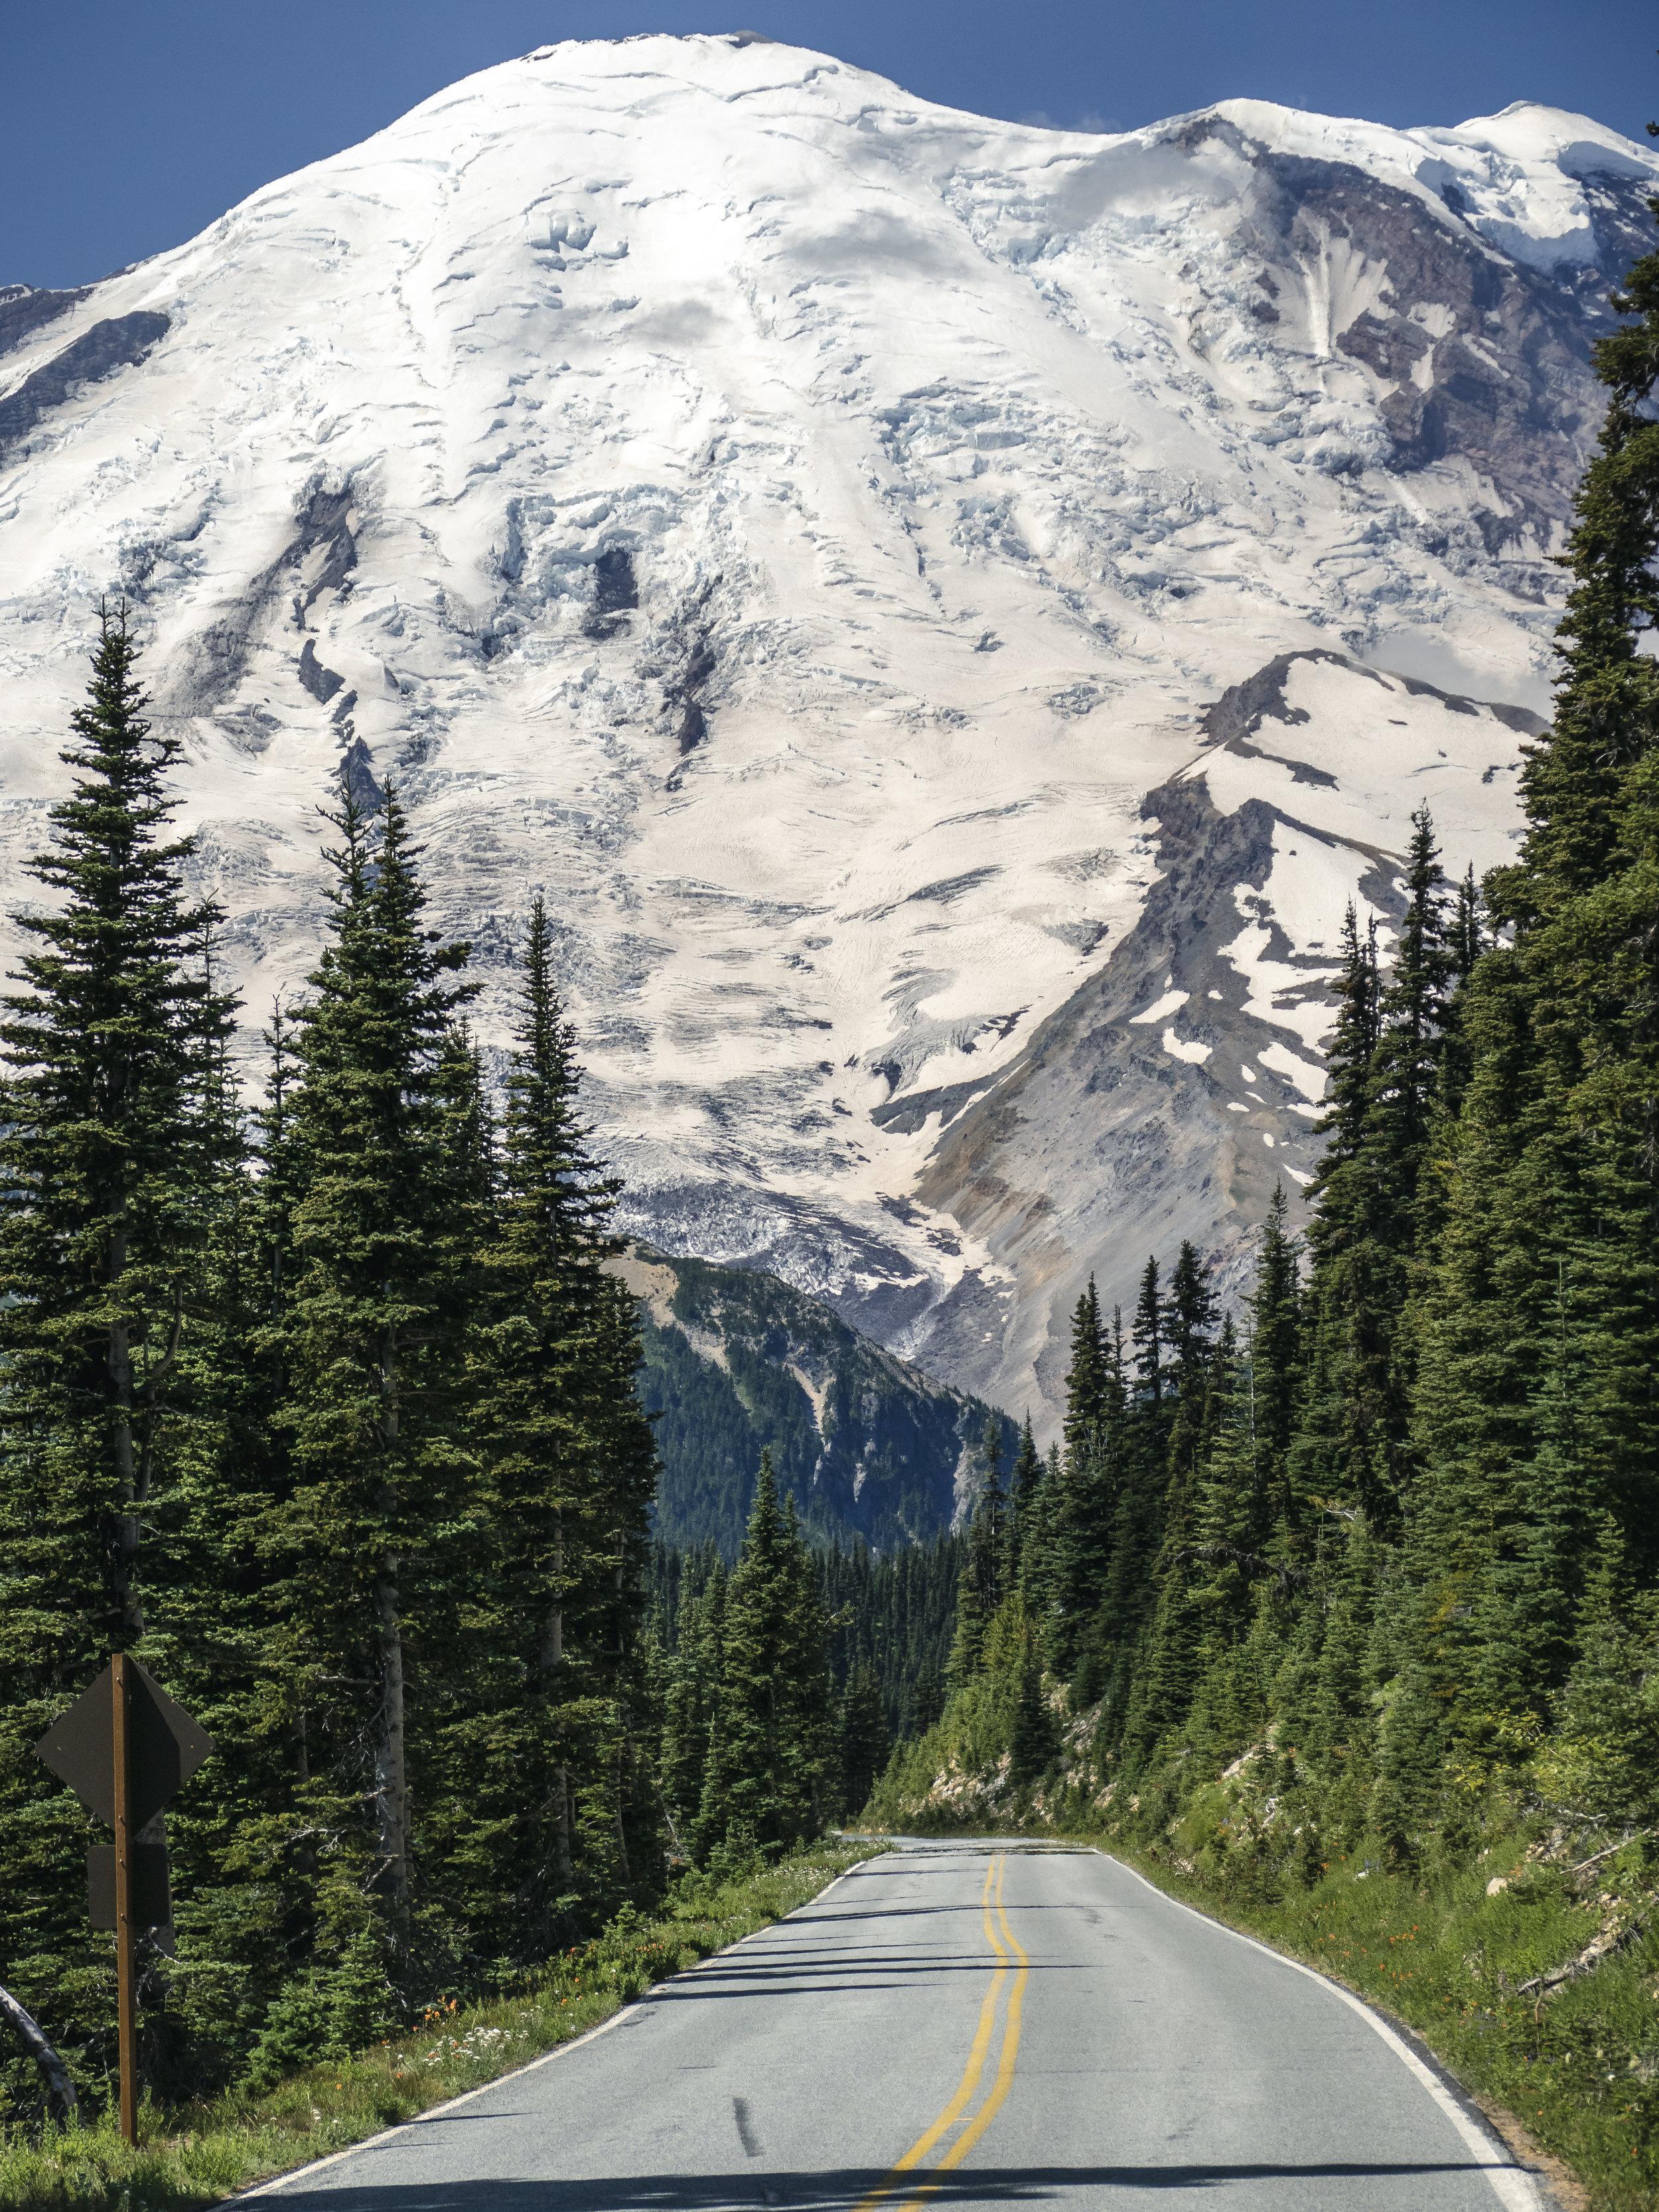 Massive_Mt_Rainier_Glacier_Above_Mountain_Road_in_Washington_State.jpg